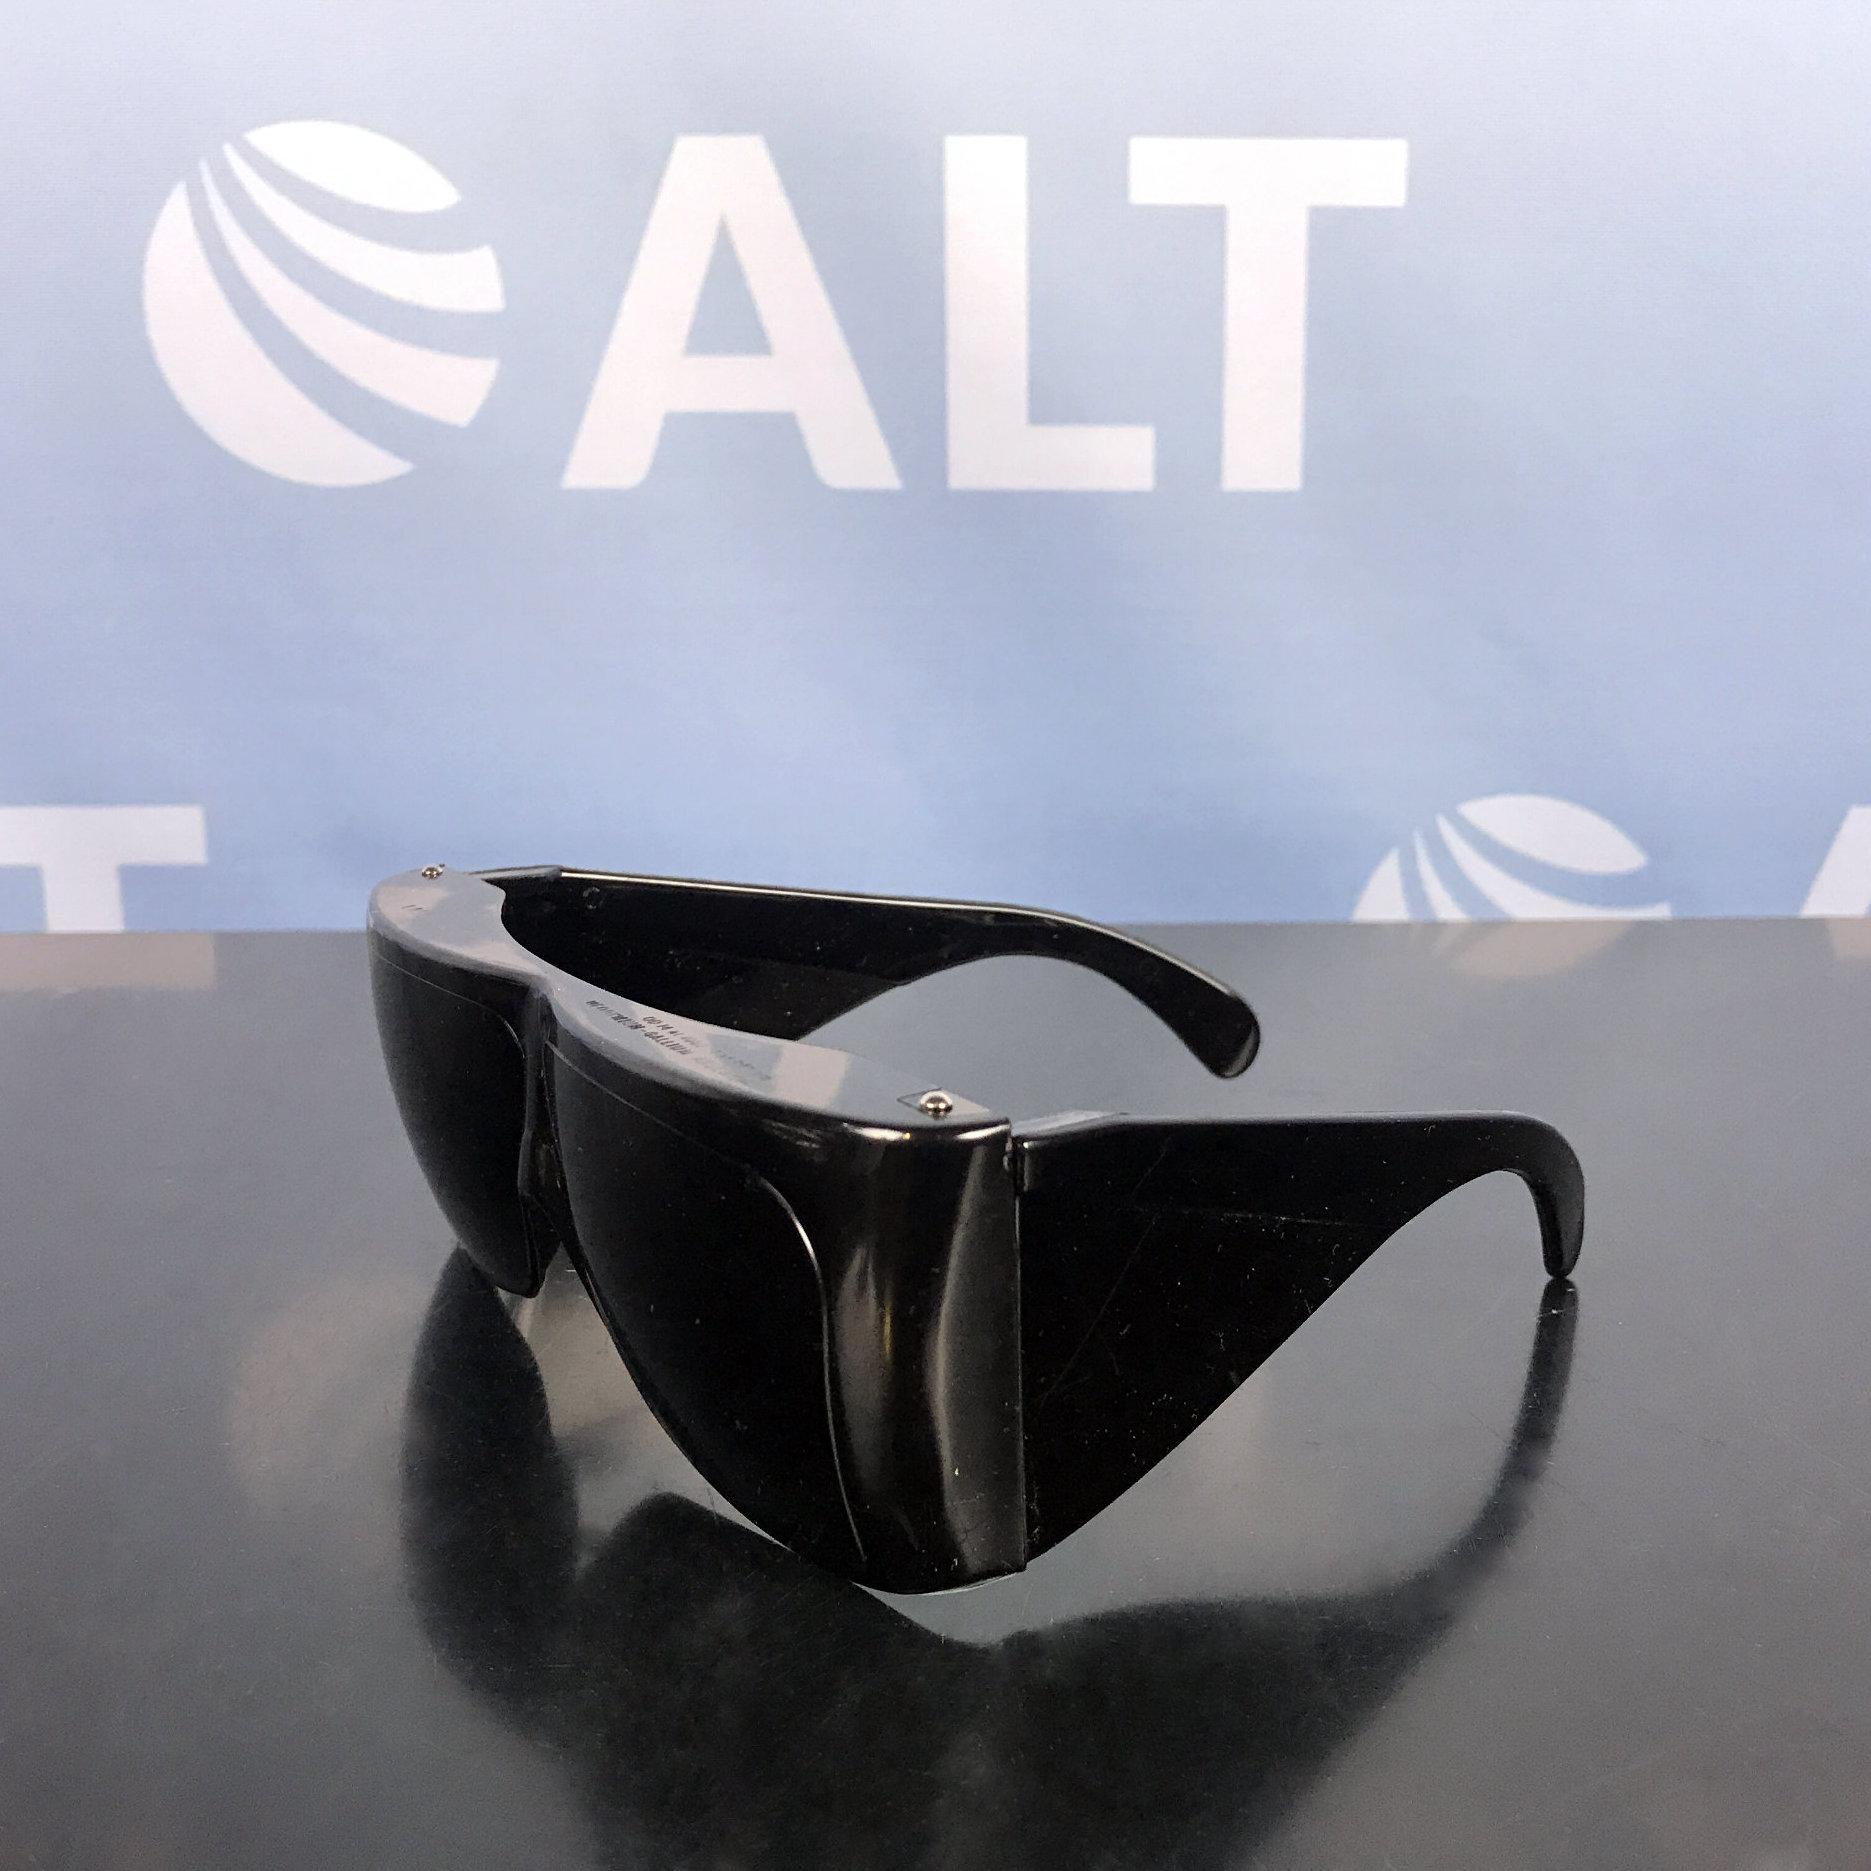 Glendale Optical  Laser-Gard Anti-Laser Safety Goggles OD 14 AT 1060 14 AT 840nm Gallium Arsenide (Neodymium) Image